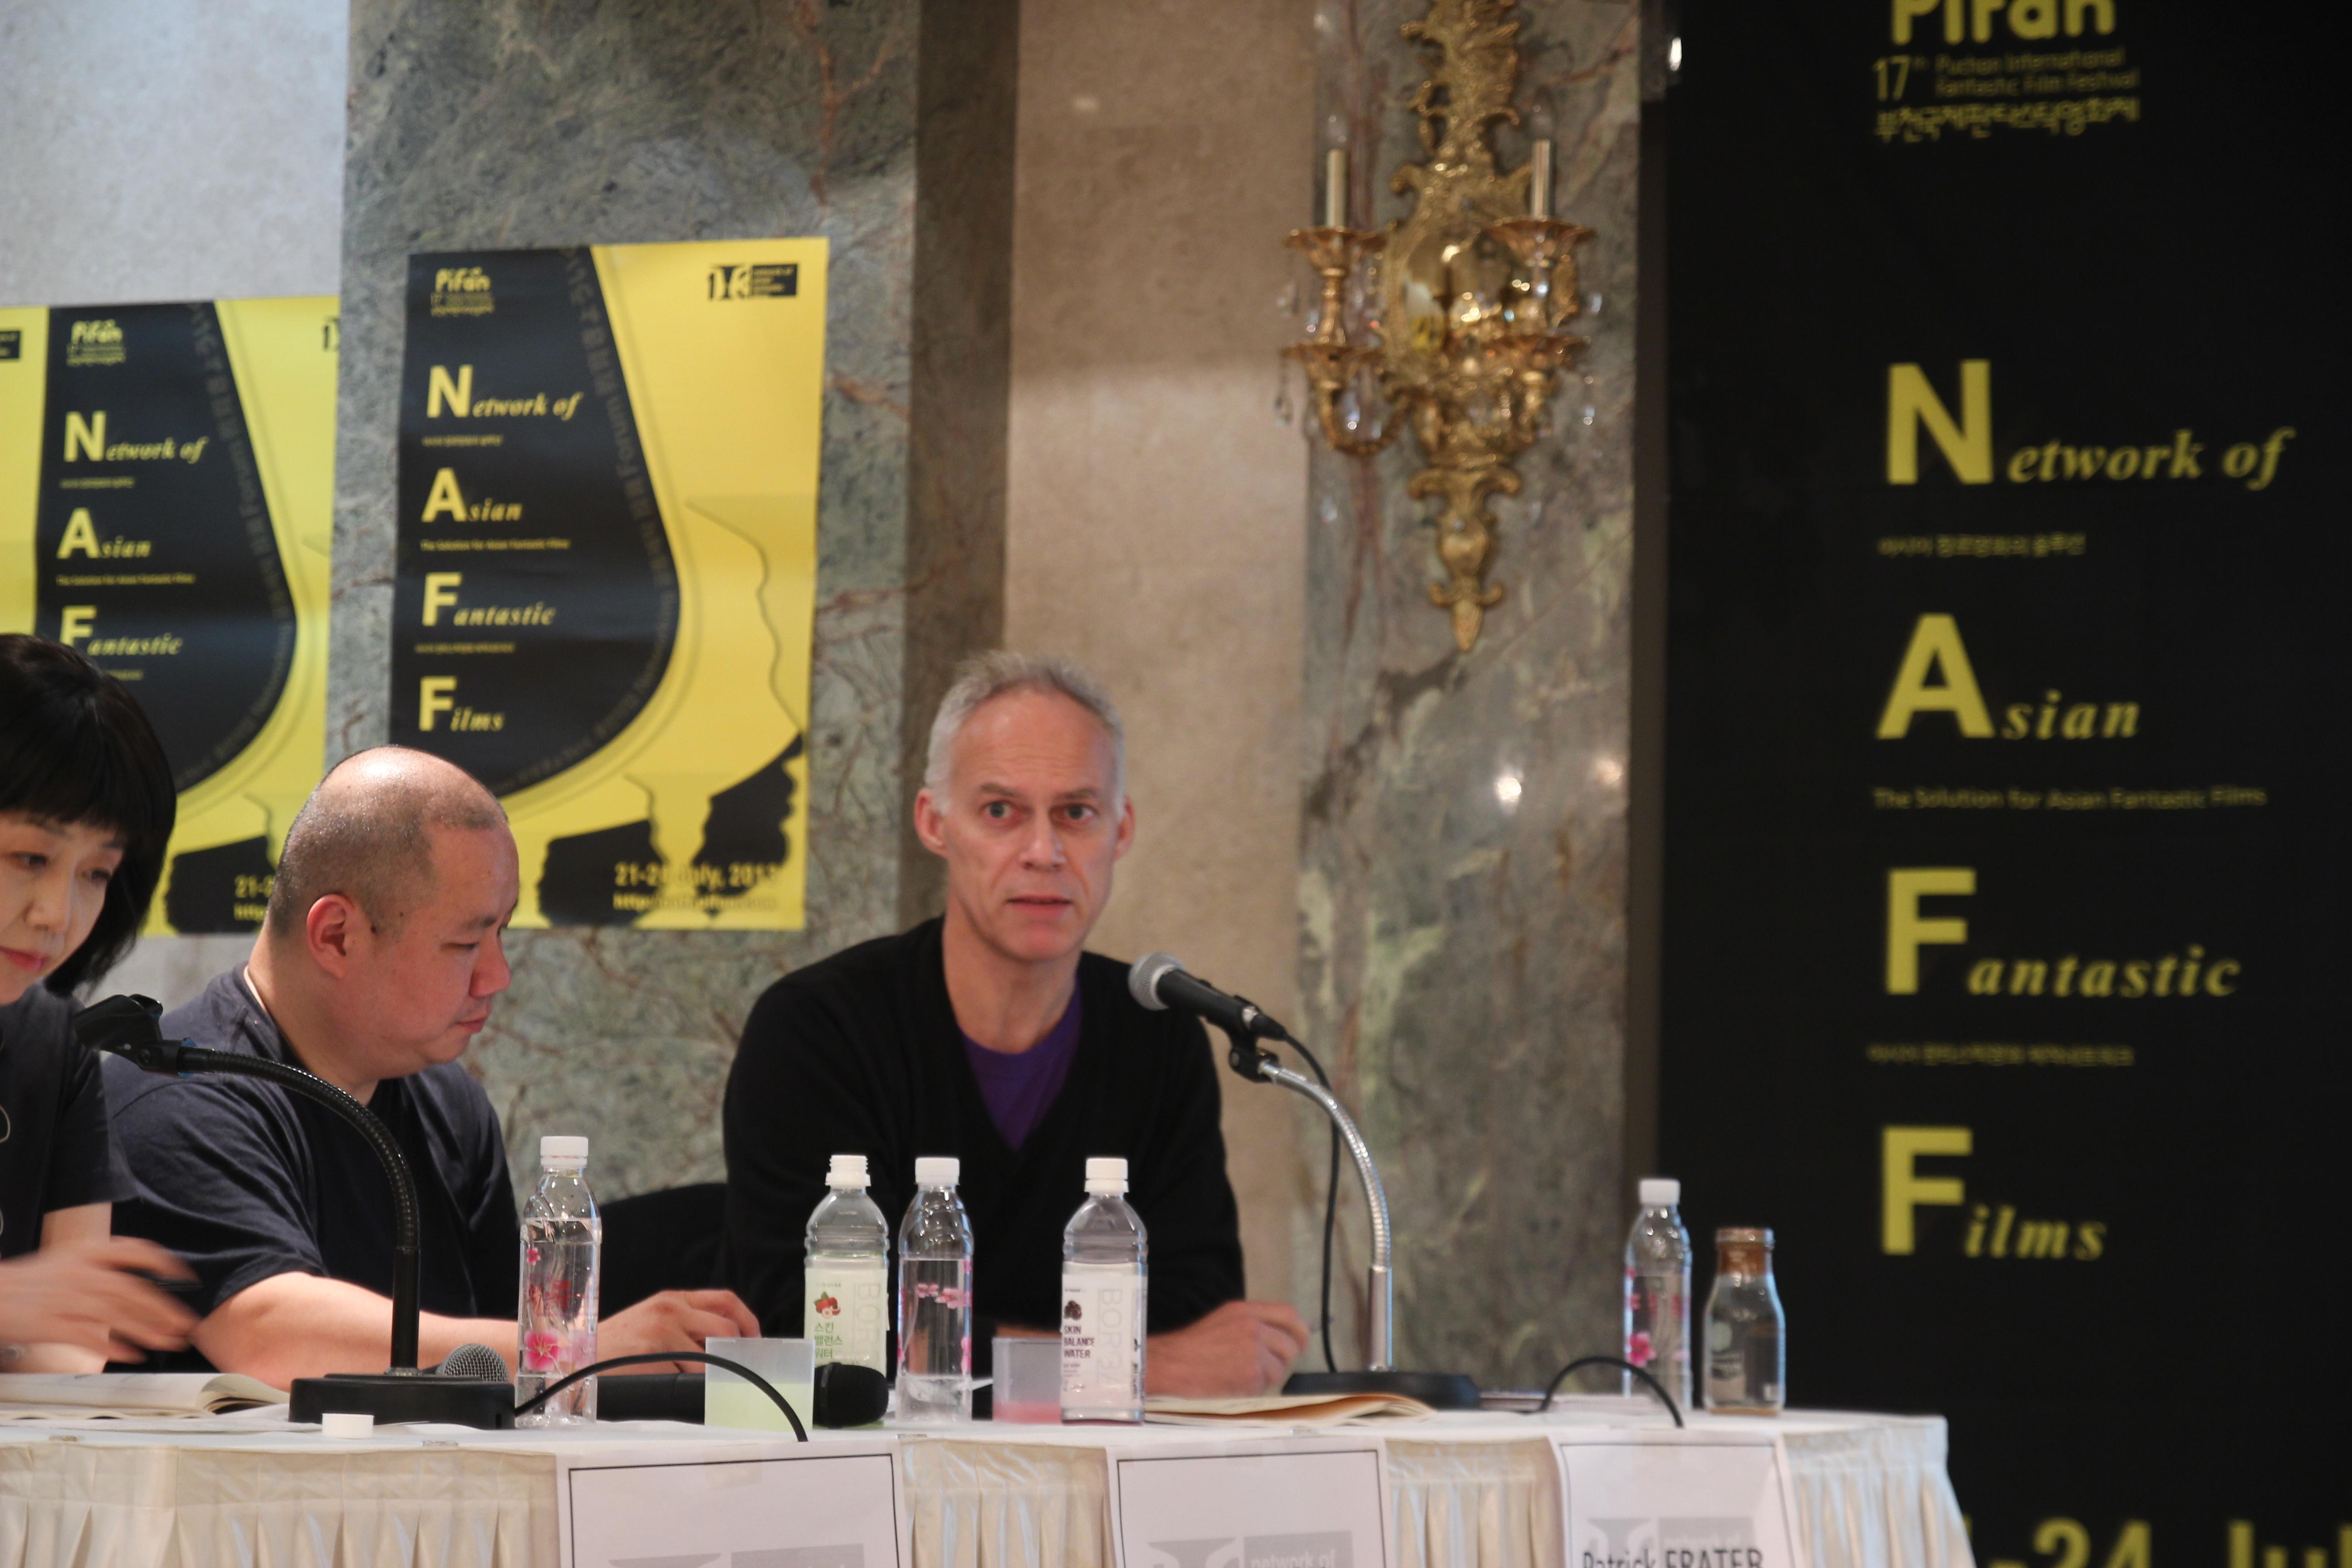 발제자로 나선 영화제작자 팀 쿽(가운데, 미국), '버라이어티' 아시아국장 패트릭 프레이터(영국).